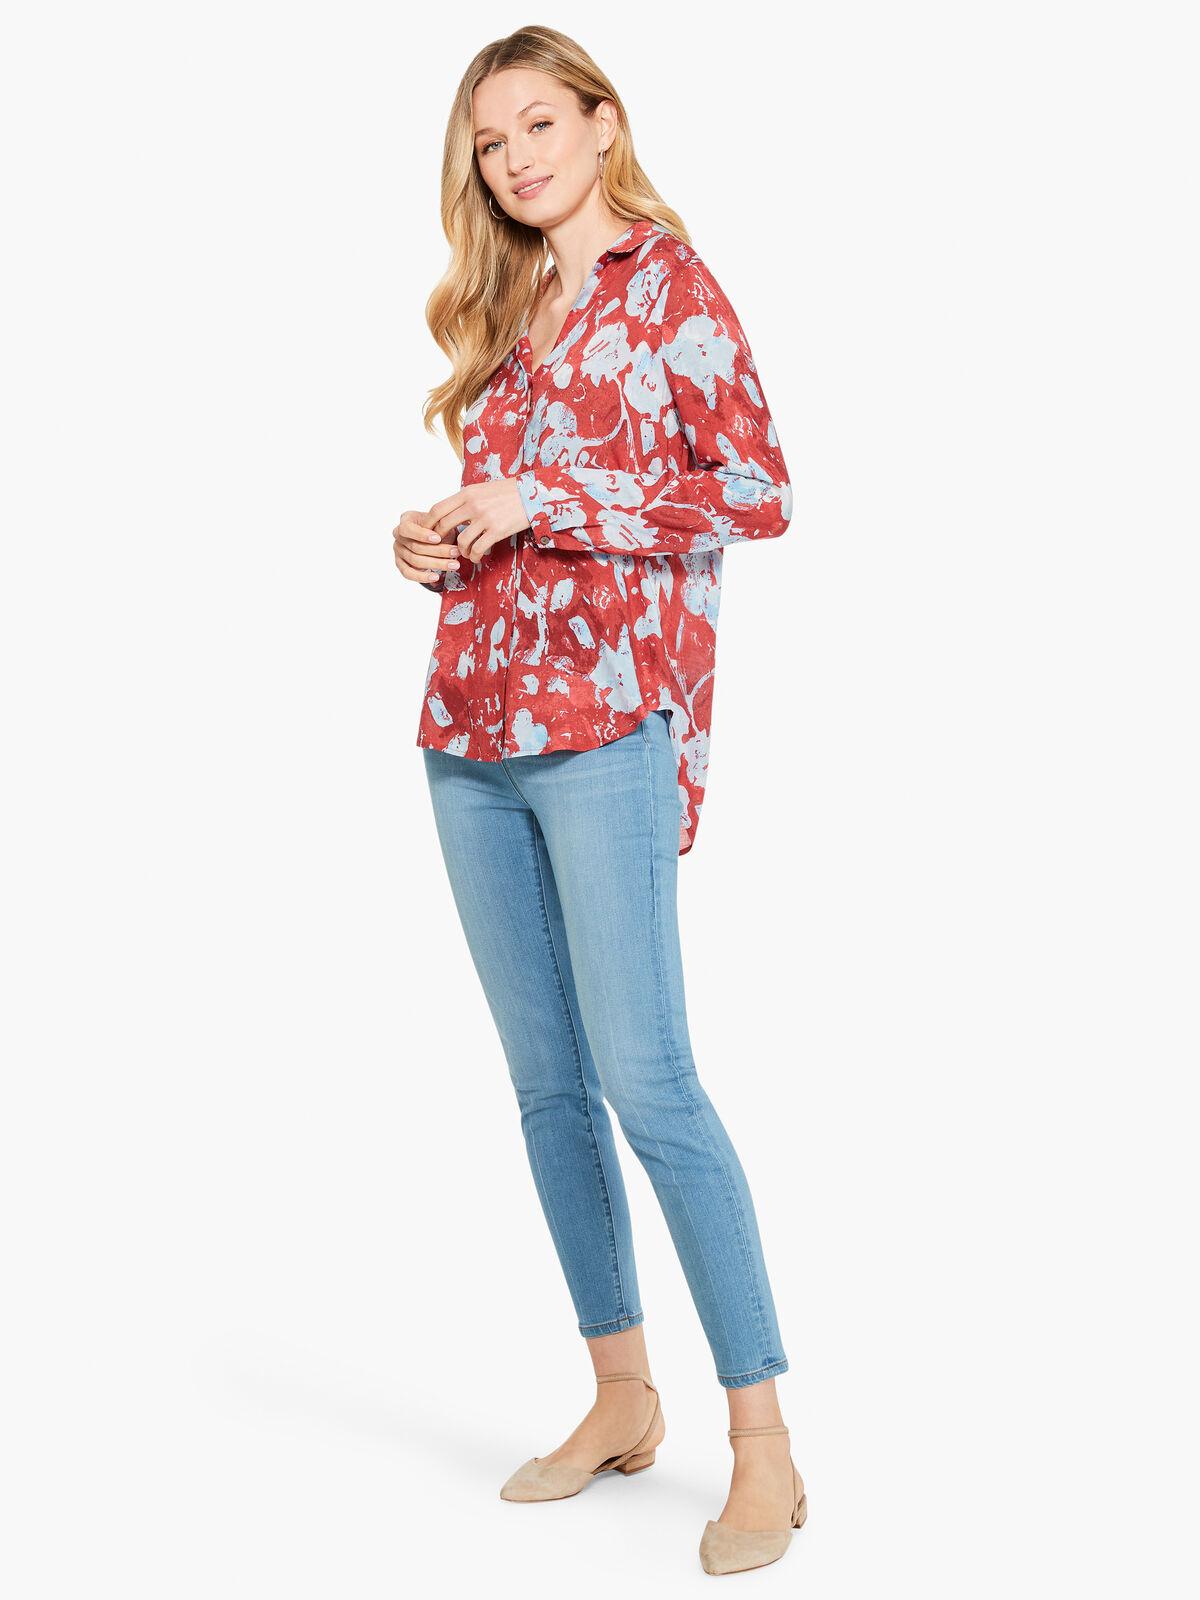 Terracotta Blooms Shirt